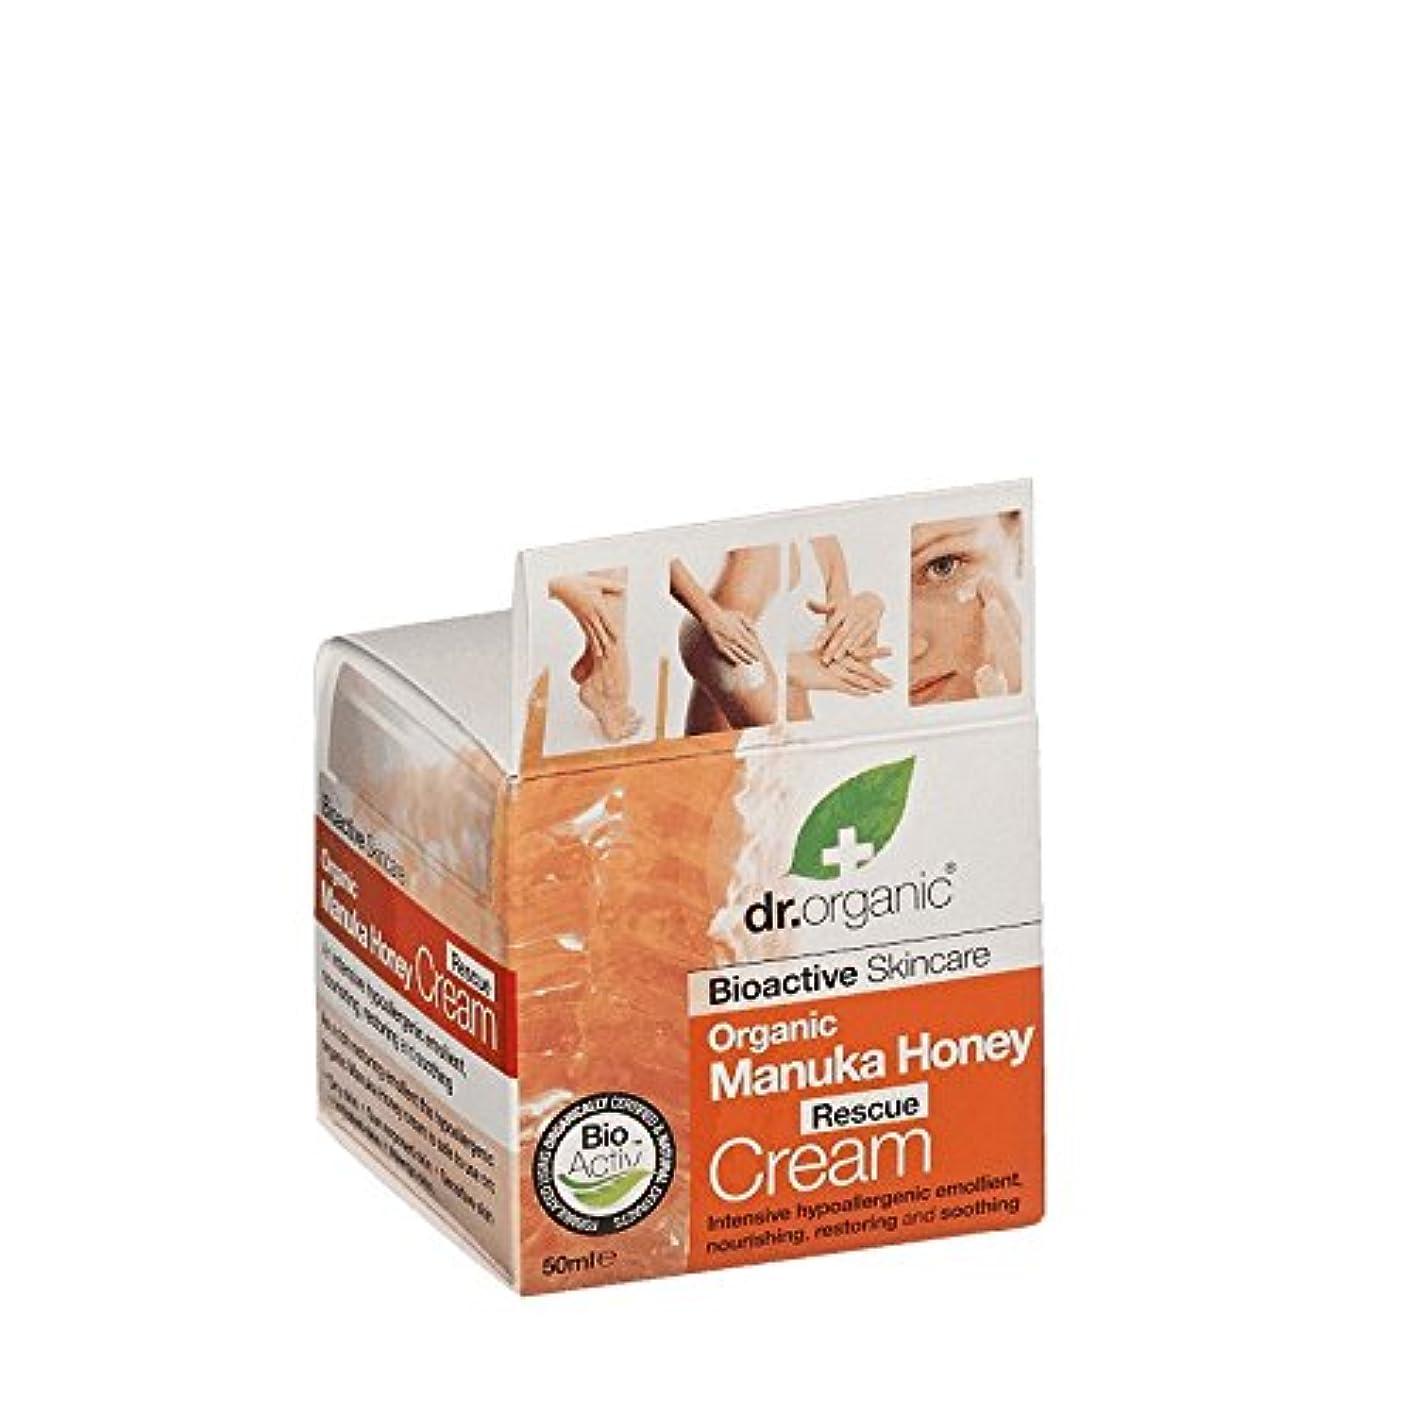 エイリアン連続的メタンDr Organic Manuka Honey Rescue Cream (Pack of 2) - Dr有機マヌカハニーレスキュークリーム (x2) [並行輸入品]